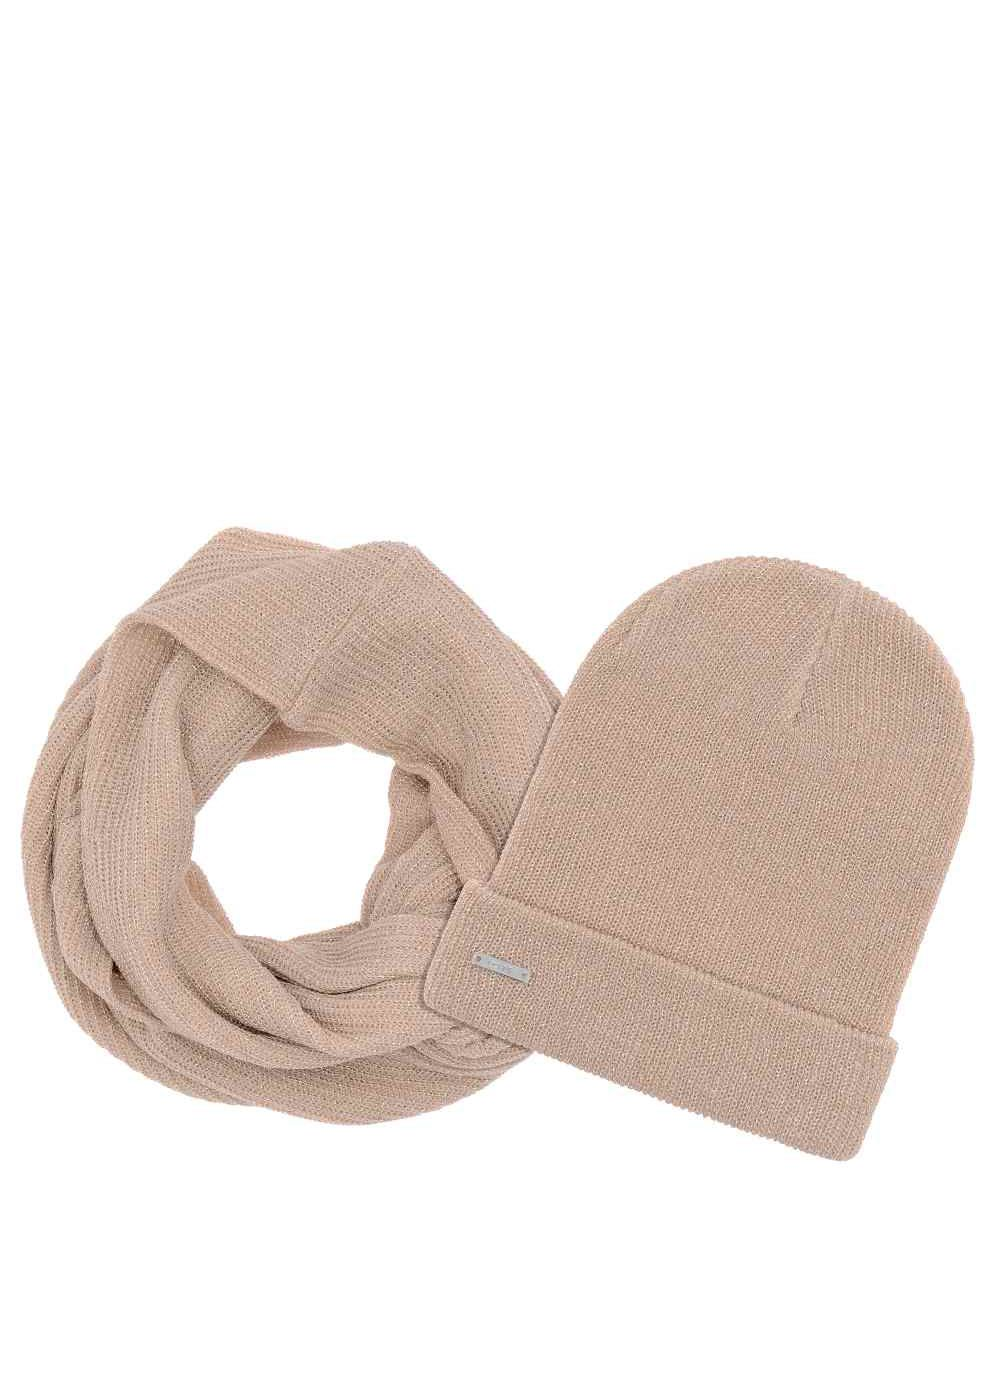 Zestaw czapka i szalik CZADT-0031-81 + KOMDT-0013-81